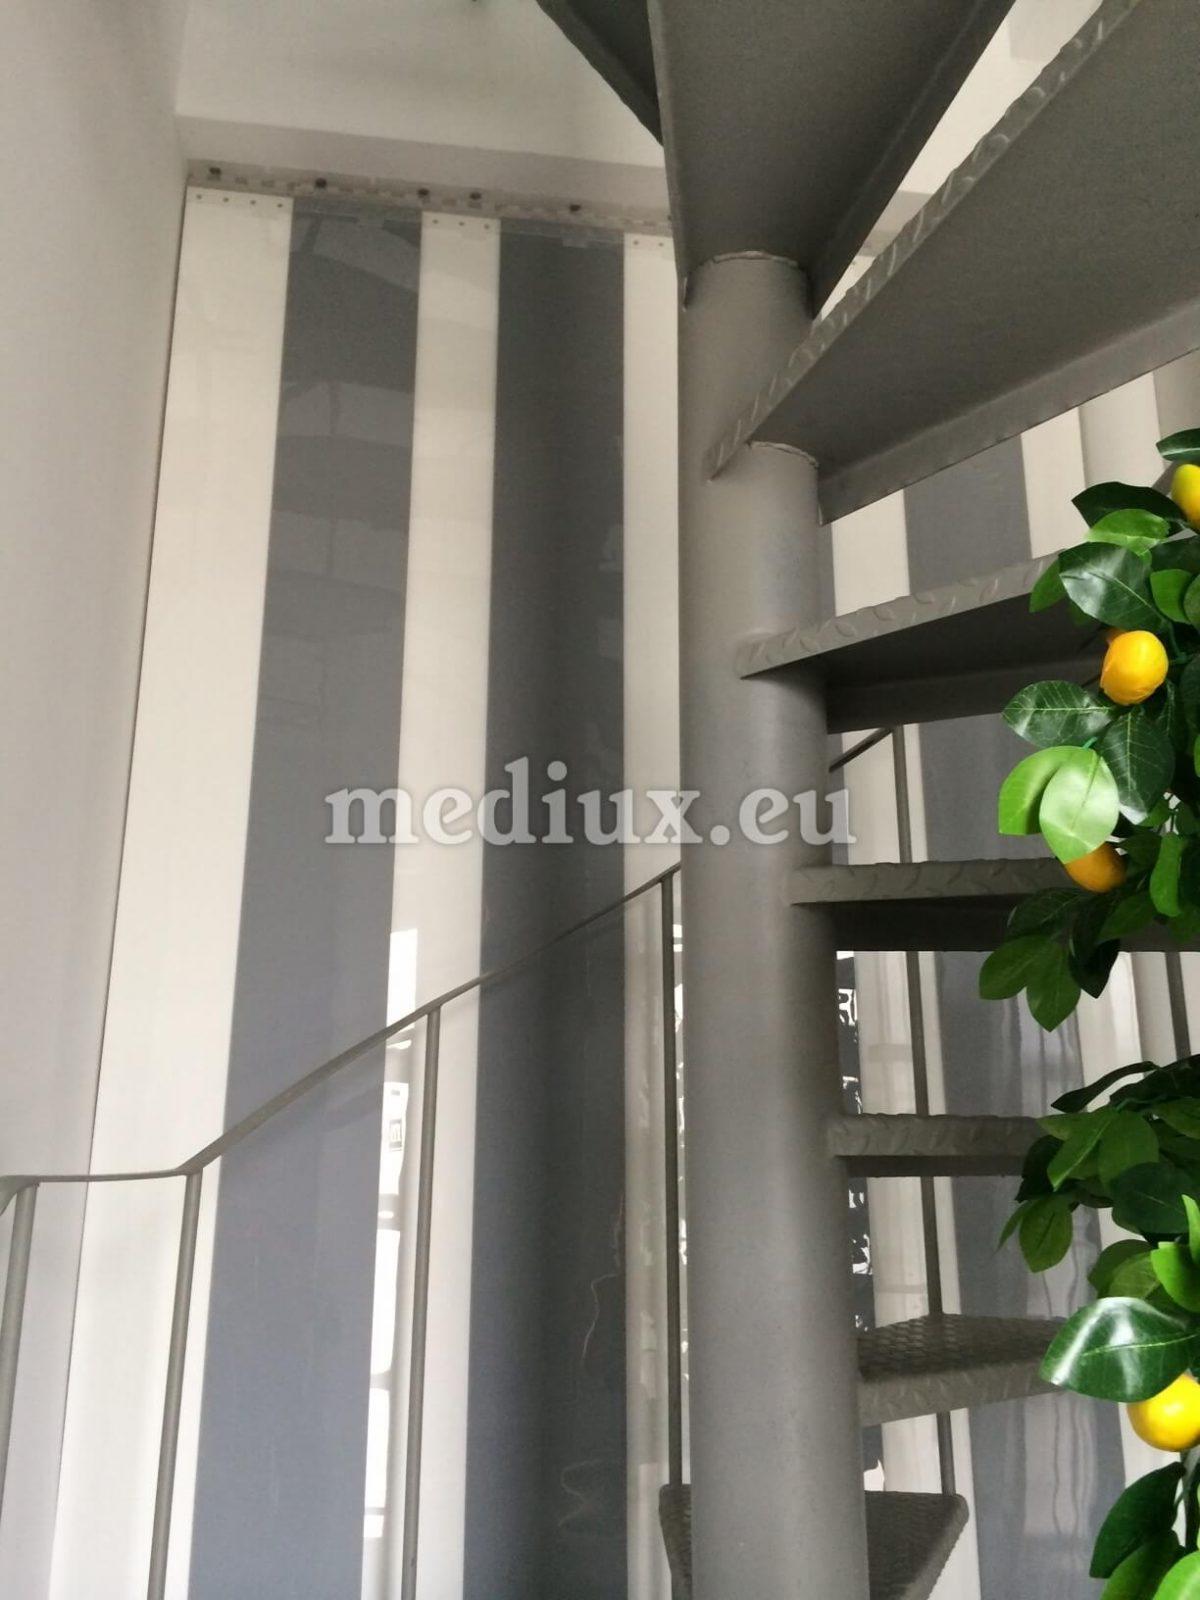 PVC-Streifenvorhang bestehend aus milchig-transparenten, lichtdurchlässigen PVC-Streifen mit den Maßen 200 x 2 mm